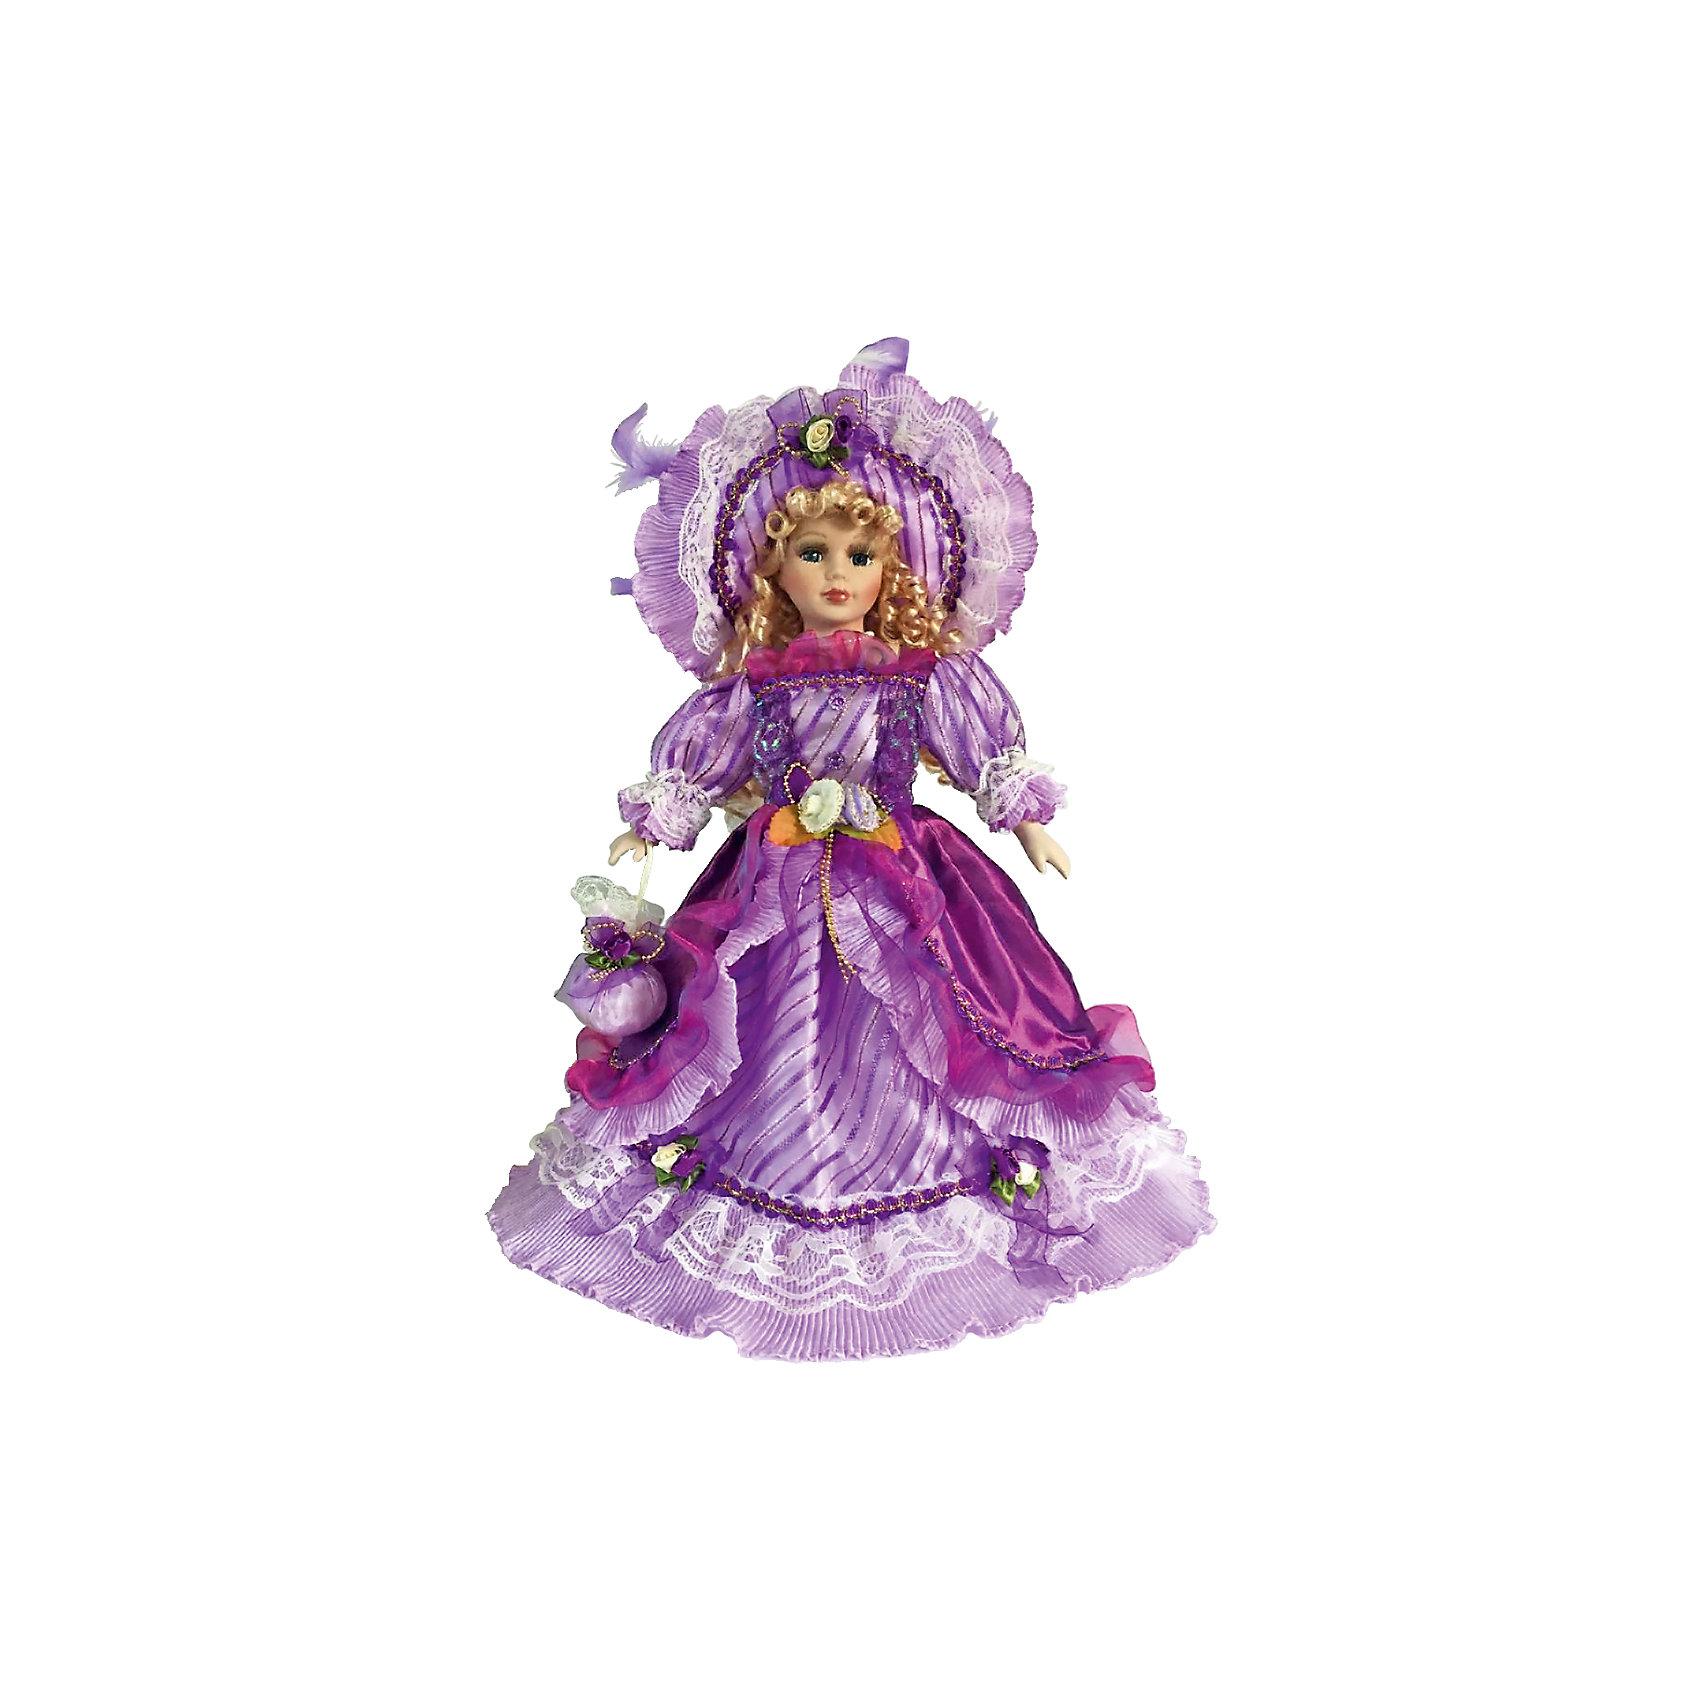 Фарфоровая кукла Иоланта, Angel CollectionБренды кукол<br>Фарфоровая кукла Иоланта, Angel Collection.<br><br>Характеристики:<br><br>• Высота куклы: 40,5 см.<br>• Материал: фарфор, текстиль<br>• Упаковка: картонная коробка блистерного типа<br><br>Фарфоровая кукла Иоланта - это очередное дизайнерское творение от бренда Angel Collection. Кукла очаровывает с первого взгляда. Весь образ куклы тщательно продуман и детализирован. Наряд куклы представляет собой шик, изысканность и модные тенденции 18 века. Голову украшает шляпа с очень широкими полями, из-под которой спадают на плечи золотистые локоны. Платье максимально закрытое. Рукава, украшенные пышным кружевом, доходят до кистей. Подол платья - до пола, полностью закрывает ноги. Впереди низ платья декорирован бусами. Пояс выполнен в форме гладко отшлифованных камней. В руках кукла держит сумочку. Весь наряд выполнен в различных оттенках фиолетового цвета. Кукла установлена на специальную подставку. <br><br>Фарфоровая красавица Иоланта - это не просто игрушка, а также украшение для интерьера или ценный экспонат коллекции. Каждая кукла в серии Angel Collection, обладает неповторимым образом - принцессы, феи, маленькие девочки, роскошные невесты и т.д. Изысканные наряды и очаровательная матовость фарфора превращают этих кукол в настоящее произведение искусства. Куклы Angel Collection сделаны из уникальной голубой глины, добываемой только в провинции Tai-Nan Shin, Тайвань.<br><br>Фарфоровую куклу Иоланта, Angel Collection можно купить в нашем интернет-магазине.<br><br>Ширина мм: 190<br>Глубина мм: 430<br>Высота мм: 100<br>Вес г: 938<br>Возраст от месяцев: 36<br>Возраст до месяцев: 2147483647<br>Пол: Женский<br>Возраст: Детский<br>SKU: 5400277